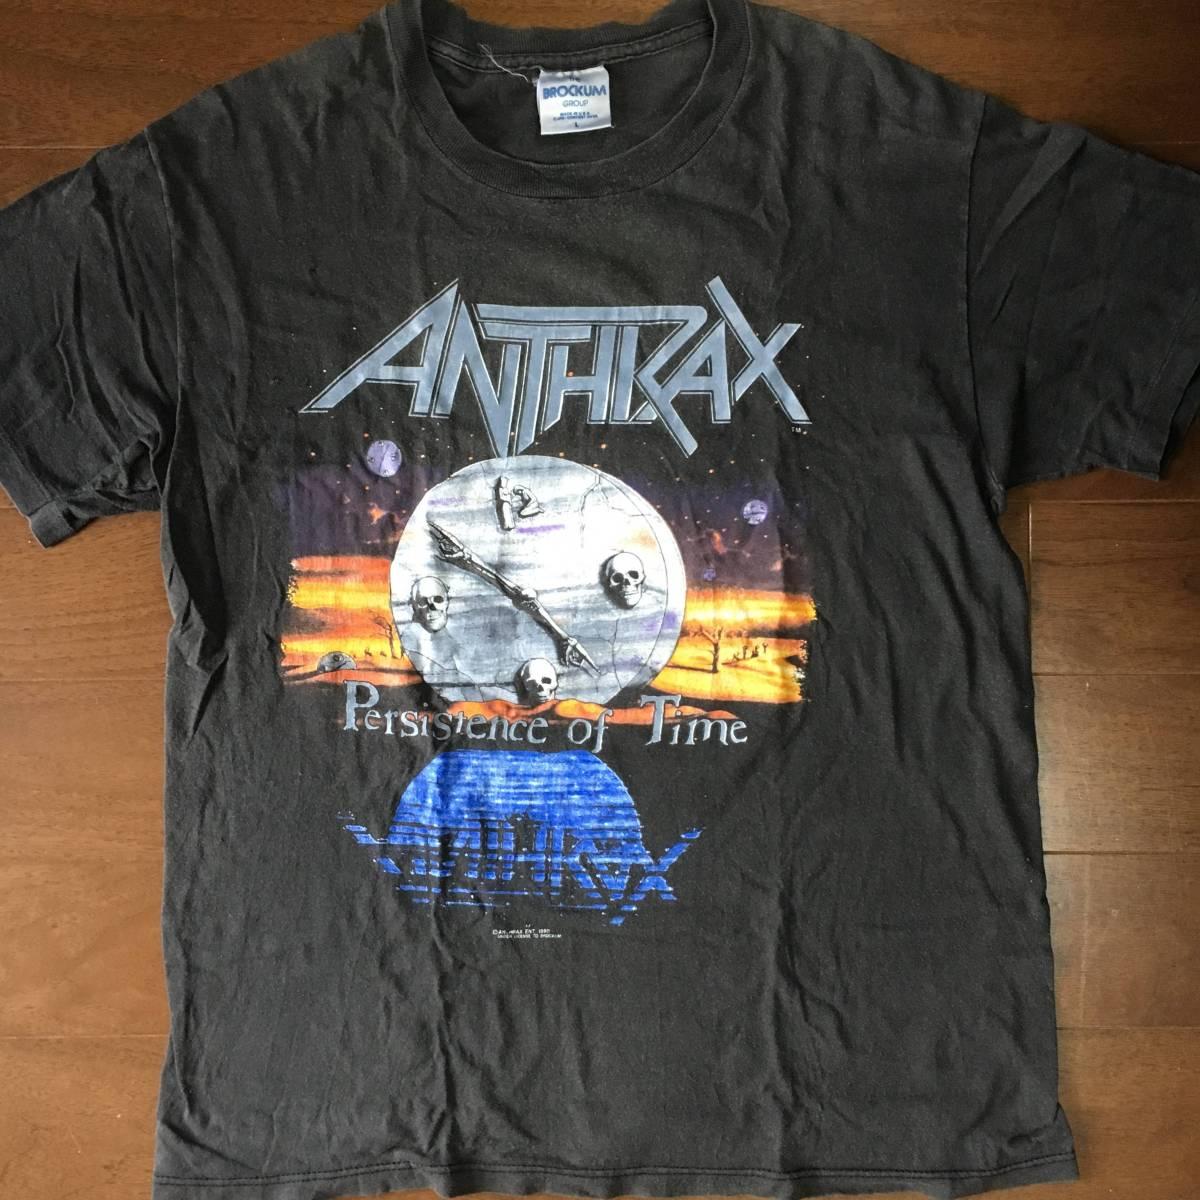 ビンテージ 超激レア ロックTシャツ ANTHRAX アンスラックス persistence of time 1990 tour 黒 古着 バンドTシャツ vintage metalliaca